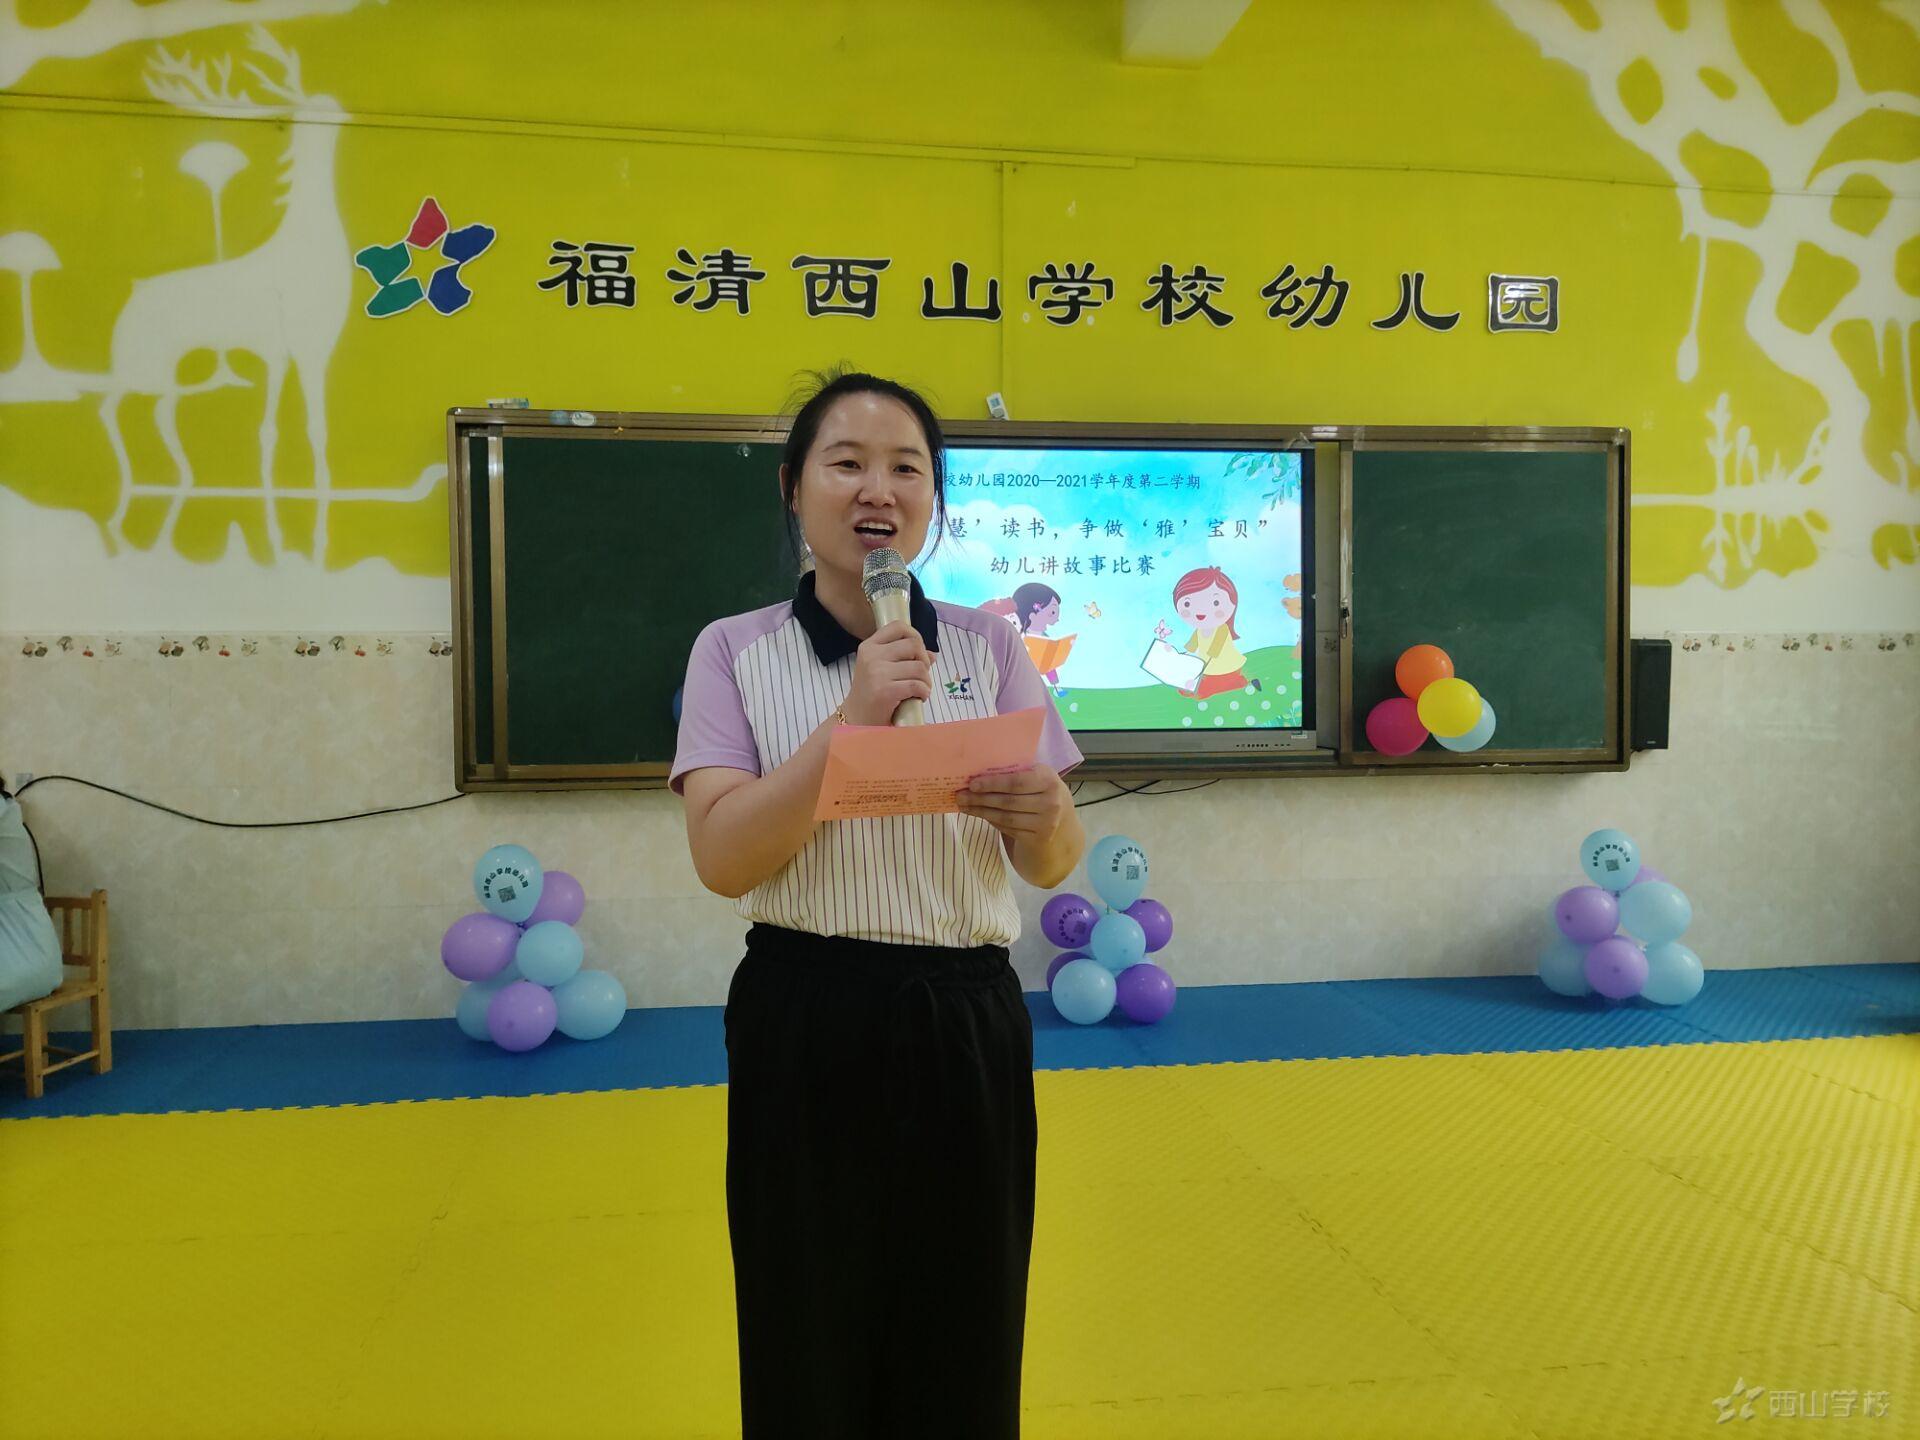 """""""学'慧'读书,争做'雅'宝贝""""——福清西山学校幼儿园幼儿 讲故事比赛活动"""